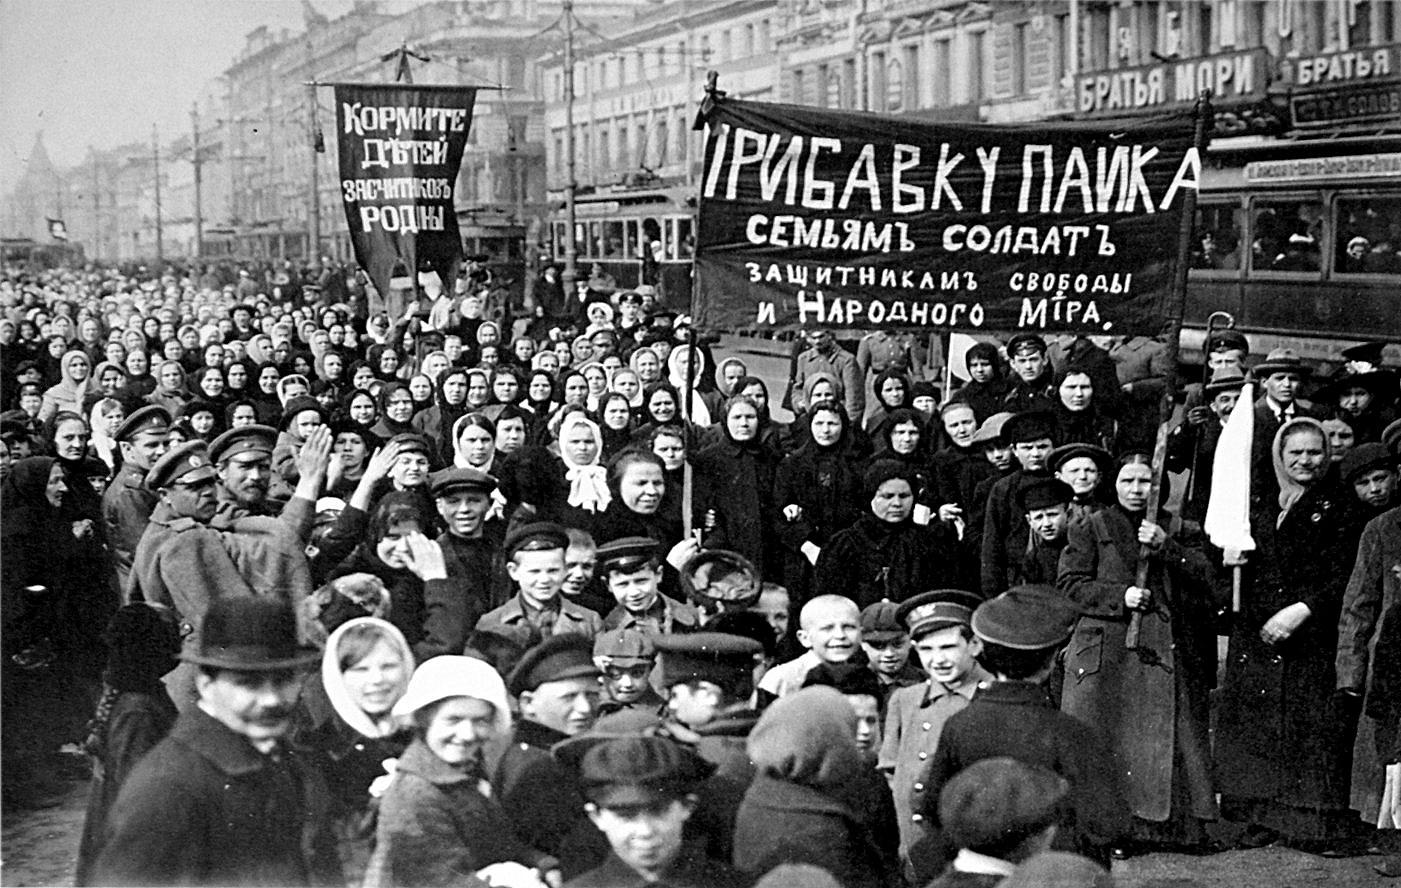 La importancia histórica mundial de la Gran Revolución Socialista de Octubre - Boris Ponomariov (1977) 9.+Manifestantesen+la+revoluci%C3%B3n+de+febrero+de+1917